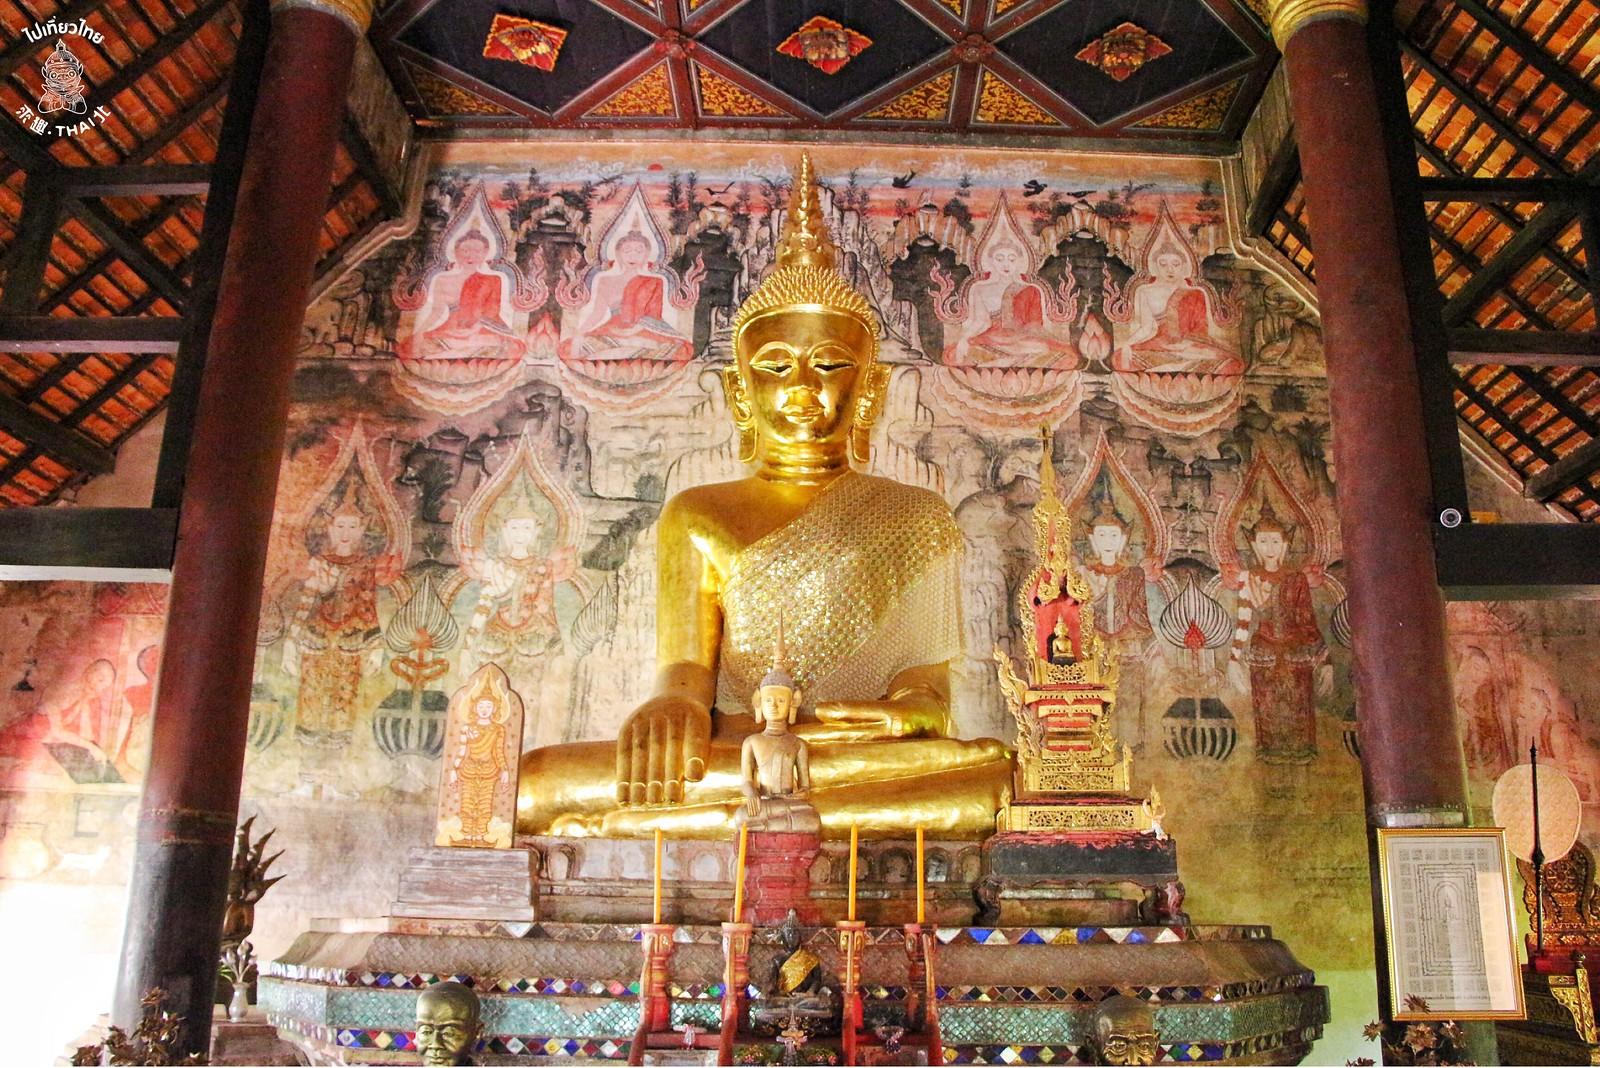 傳奇壁畫的起源-農播寺(วัดหนองบัว)